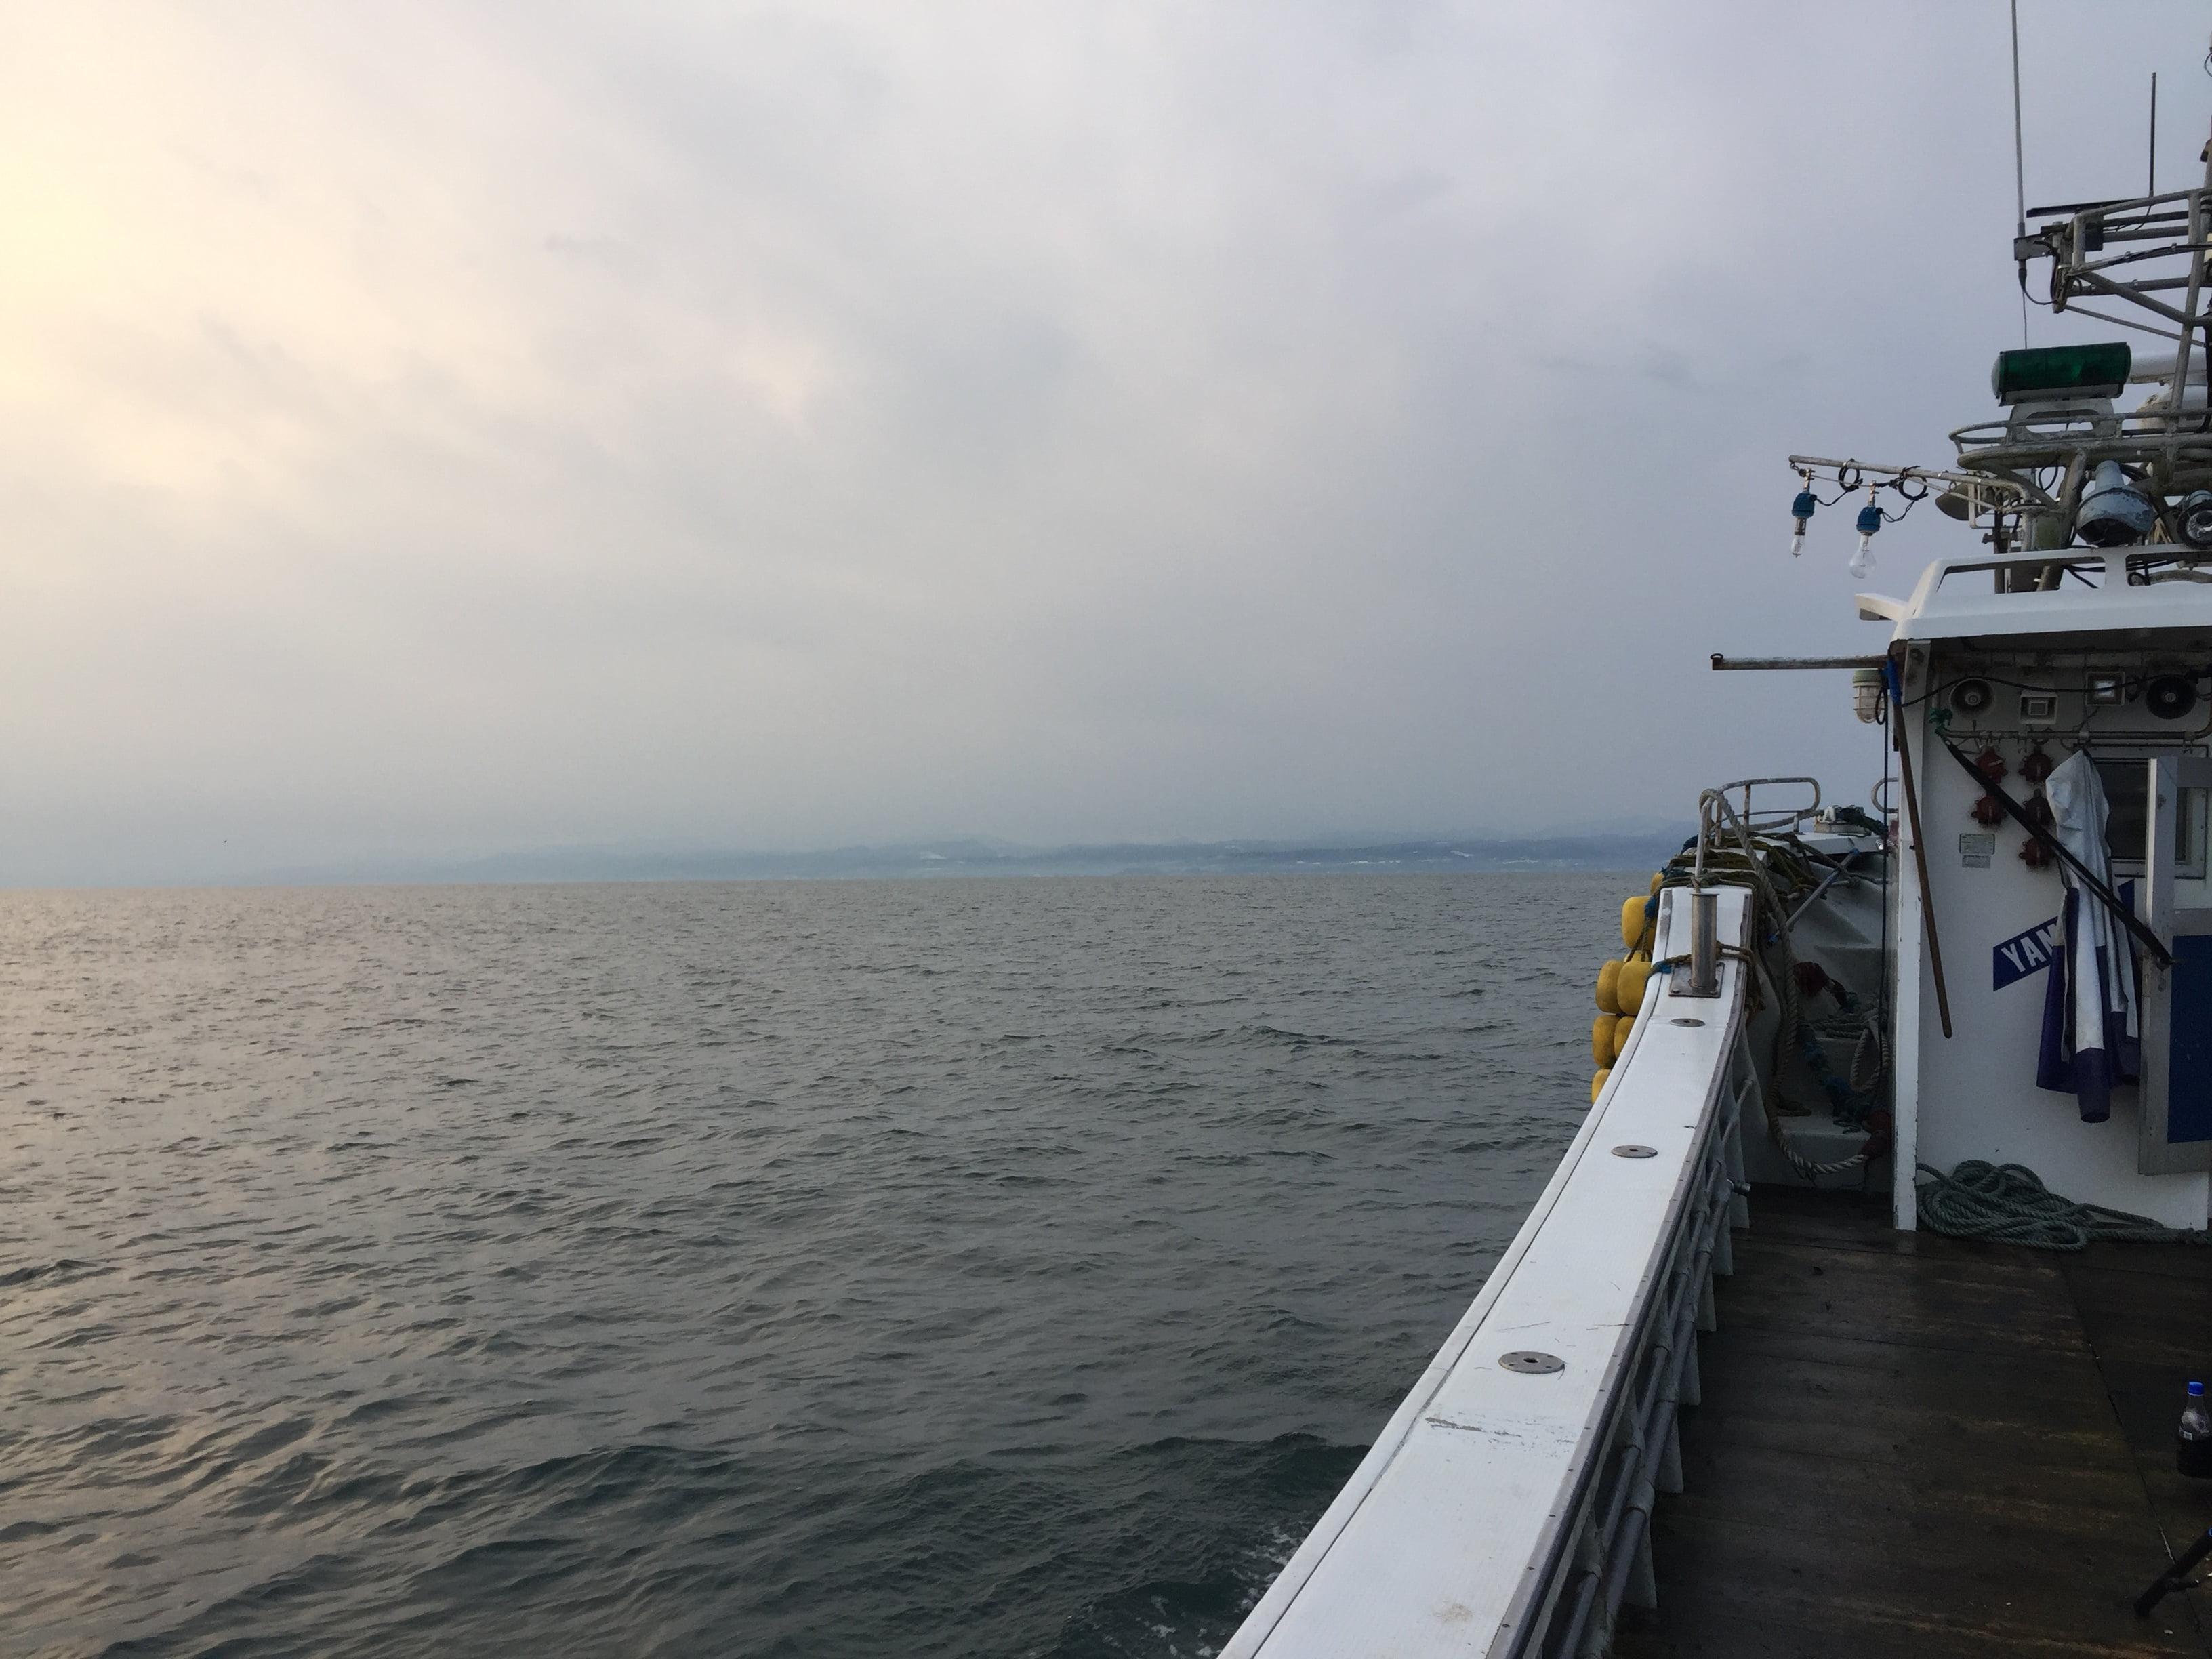 噴火湾 船サケ釣り釣果報告!2017年11月23日